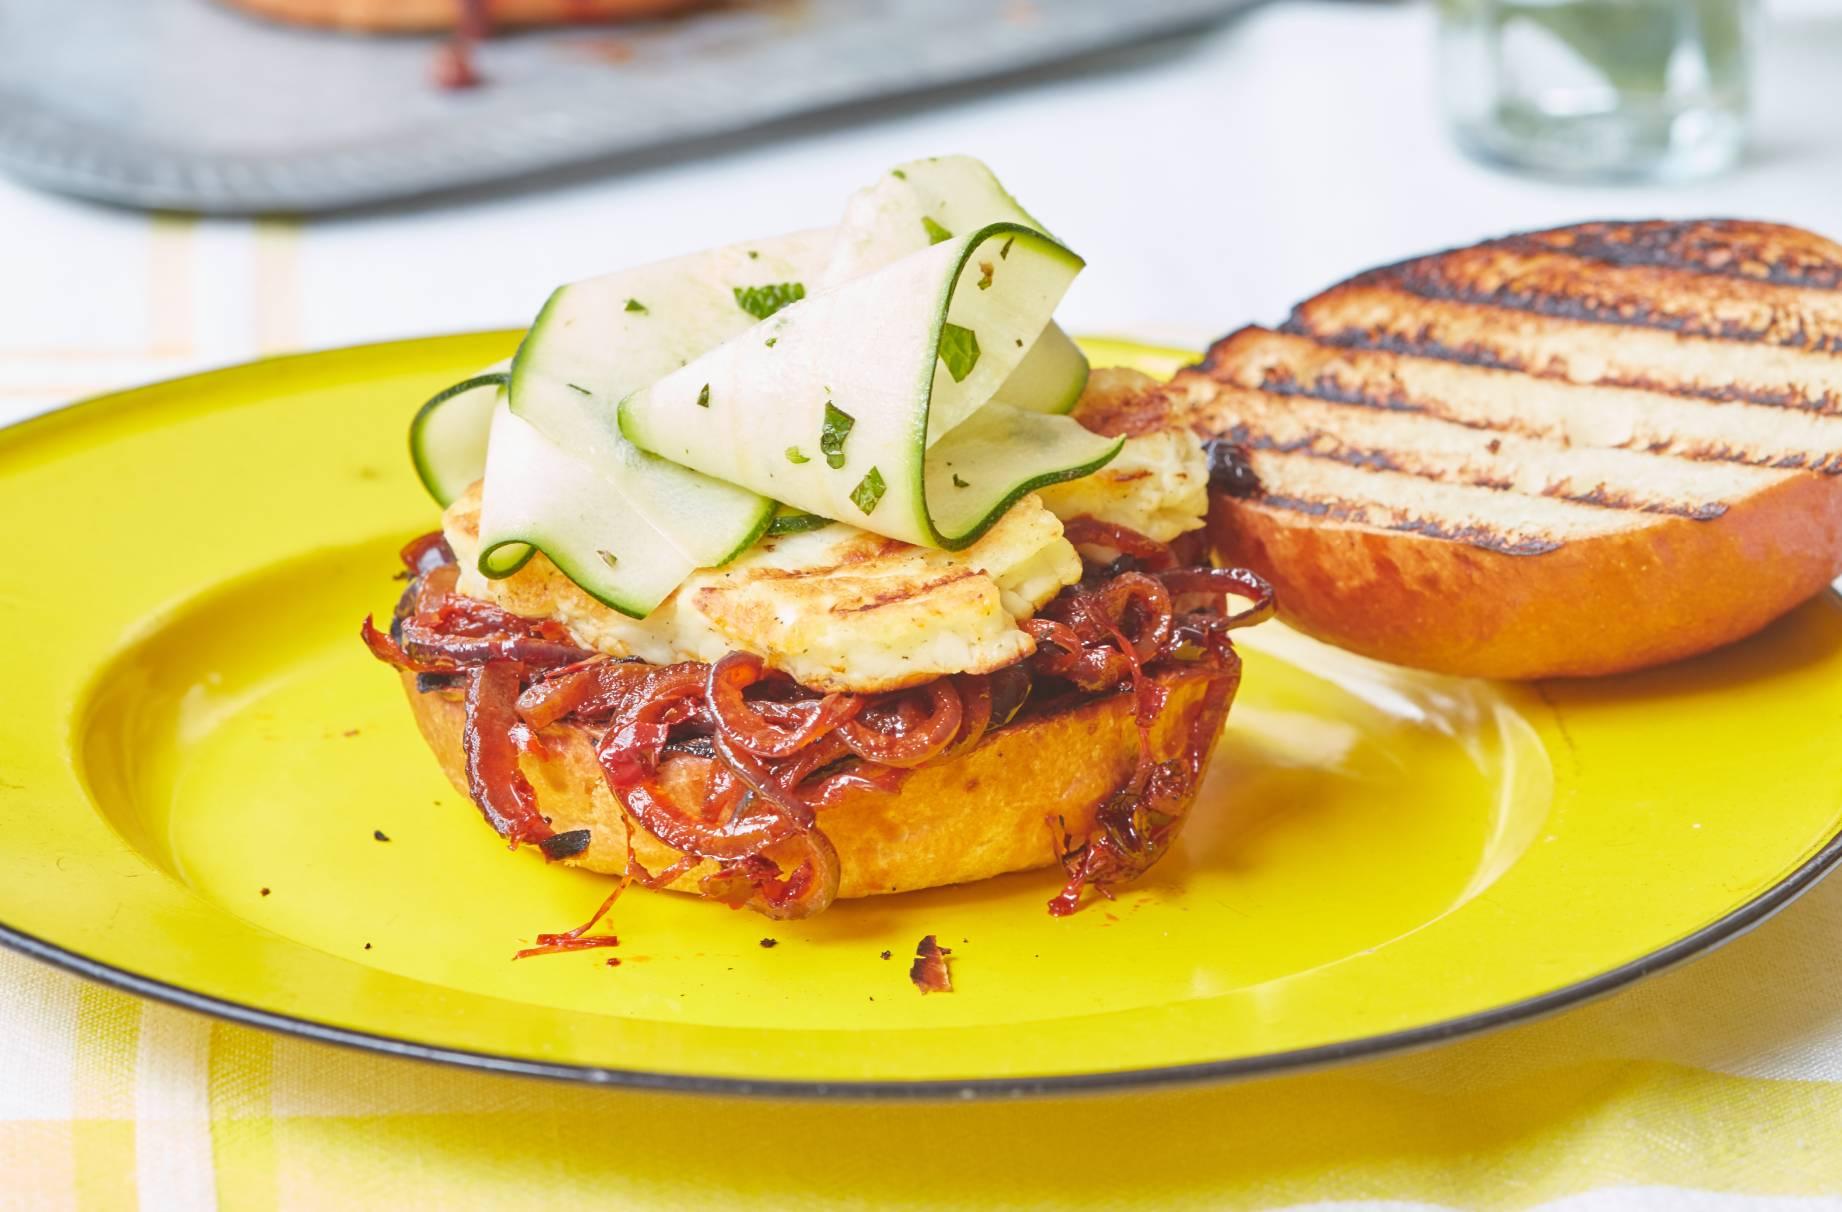 Hamburguesa de cebolla y halloumi harissa con cintas de calabacín Nuestra hamburguesa Harissa de cebolla y halloumi con cintas de calabacín seguramente se convertirá en un nuevo plato vegetariano básico de barbacoa.